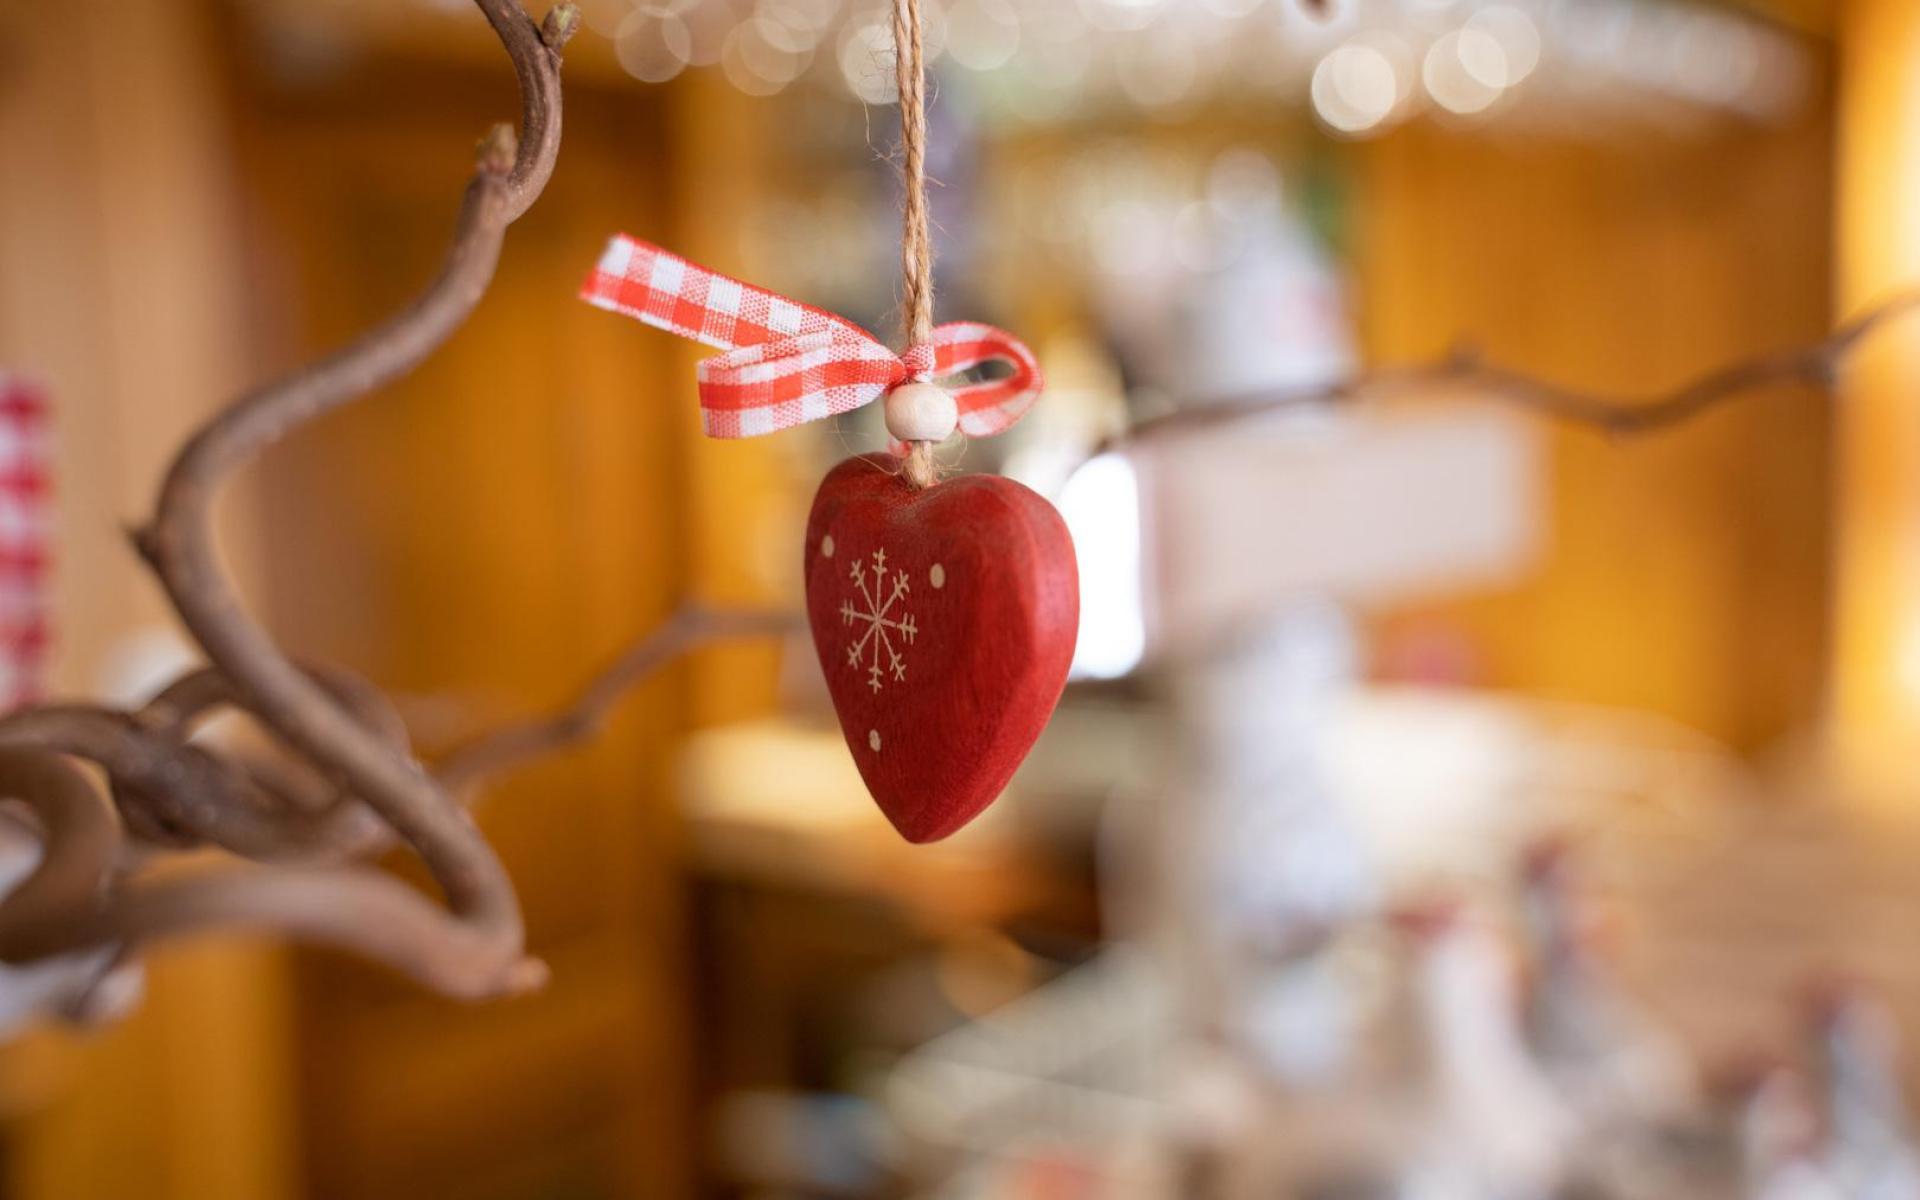 Un coeur pour les produits locaux cuisinés dans le winstub de Munster